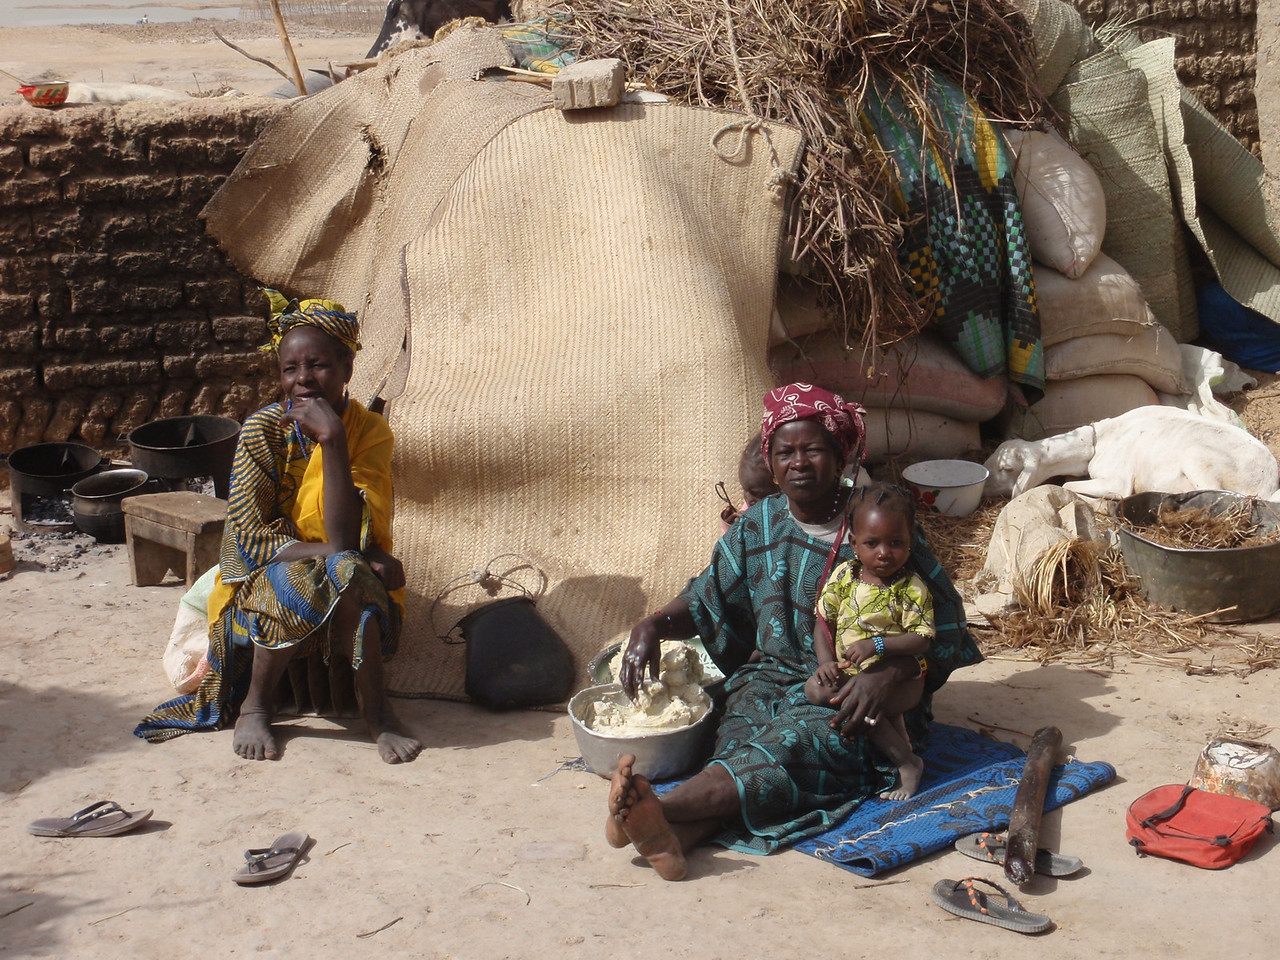 266_Mopti  The Fula Quarter  Extended Families  Multi-Generation